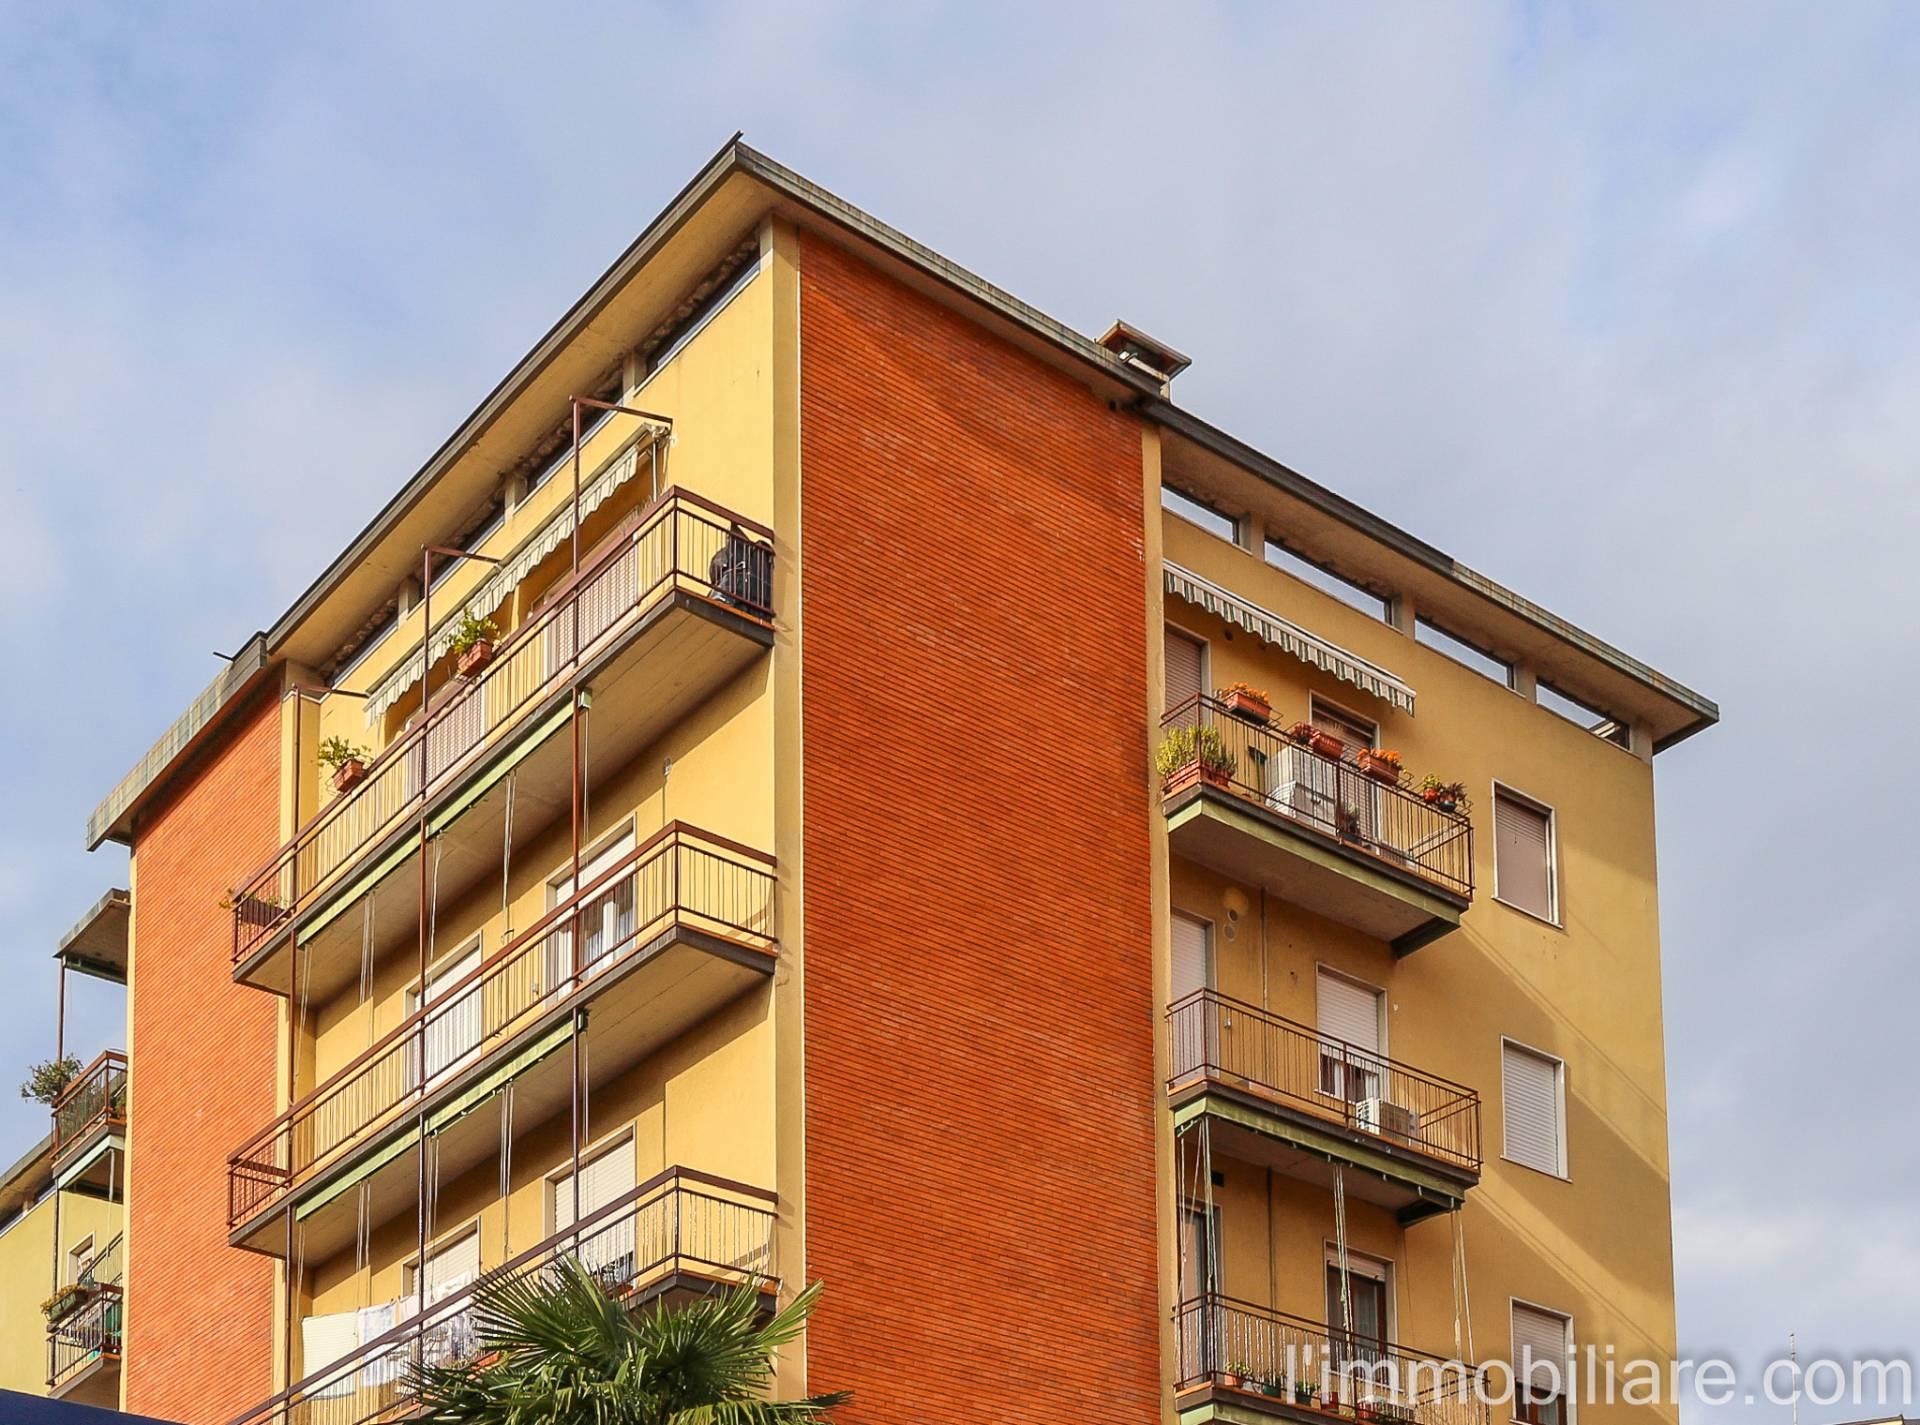 Appartamento in vendita a verona via giovanni prati for Appartamento in vendita a verona